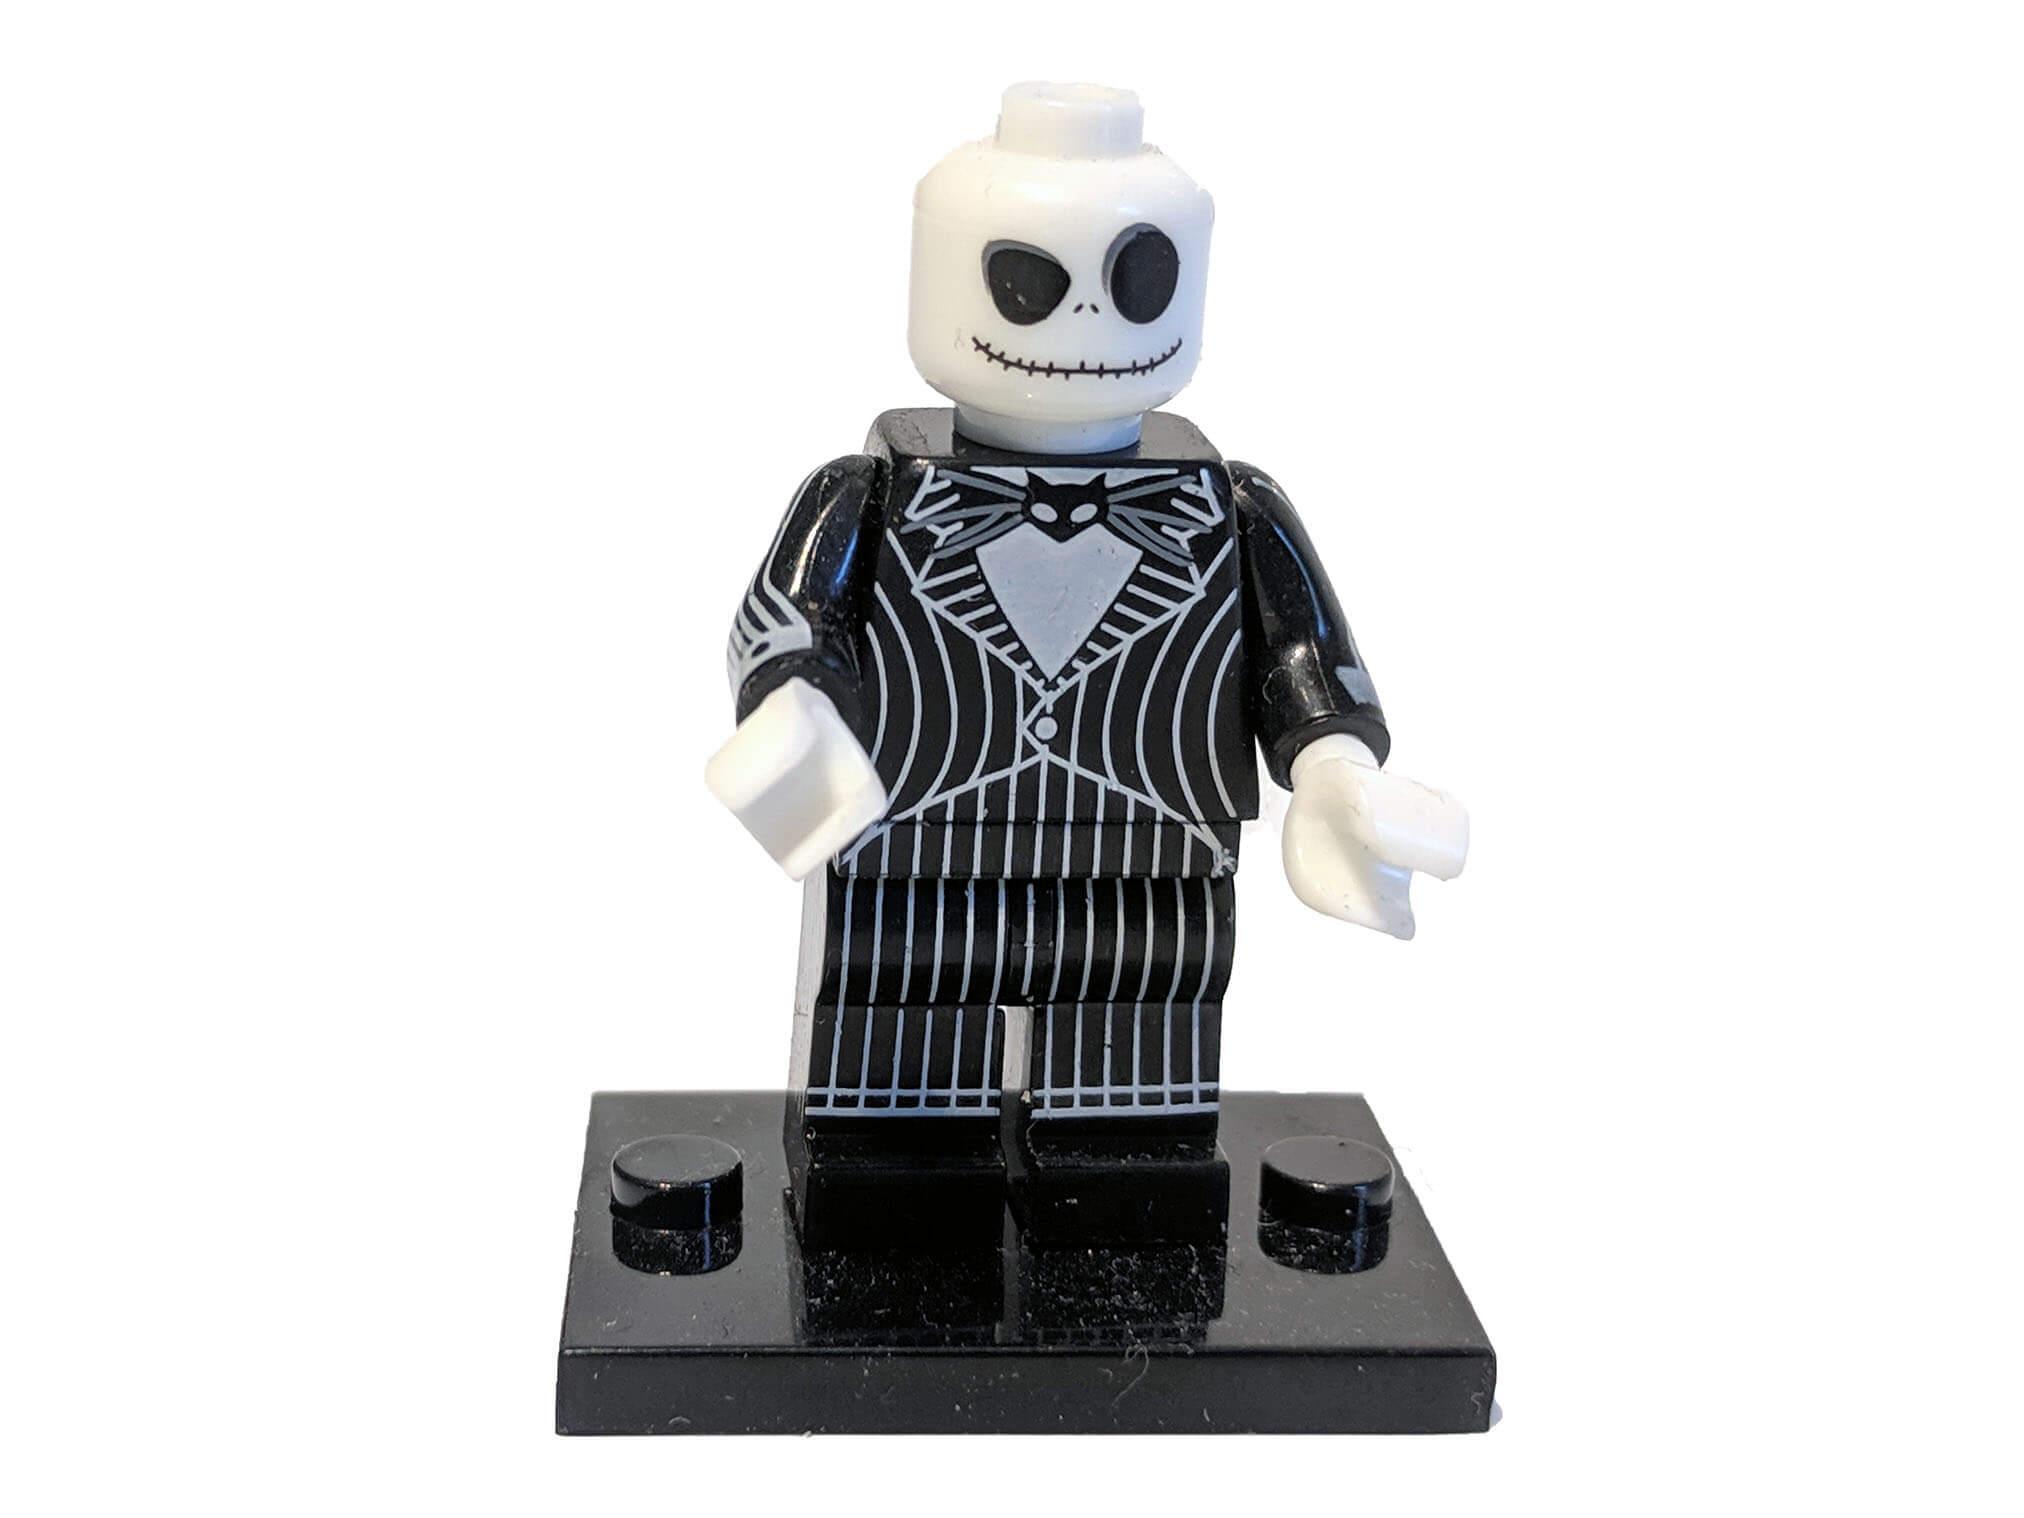 LEGO-Jack-Skellington.jpg